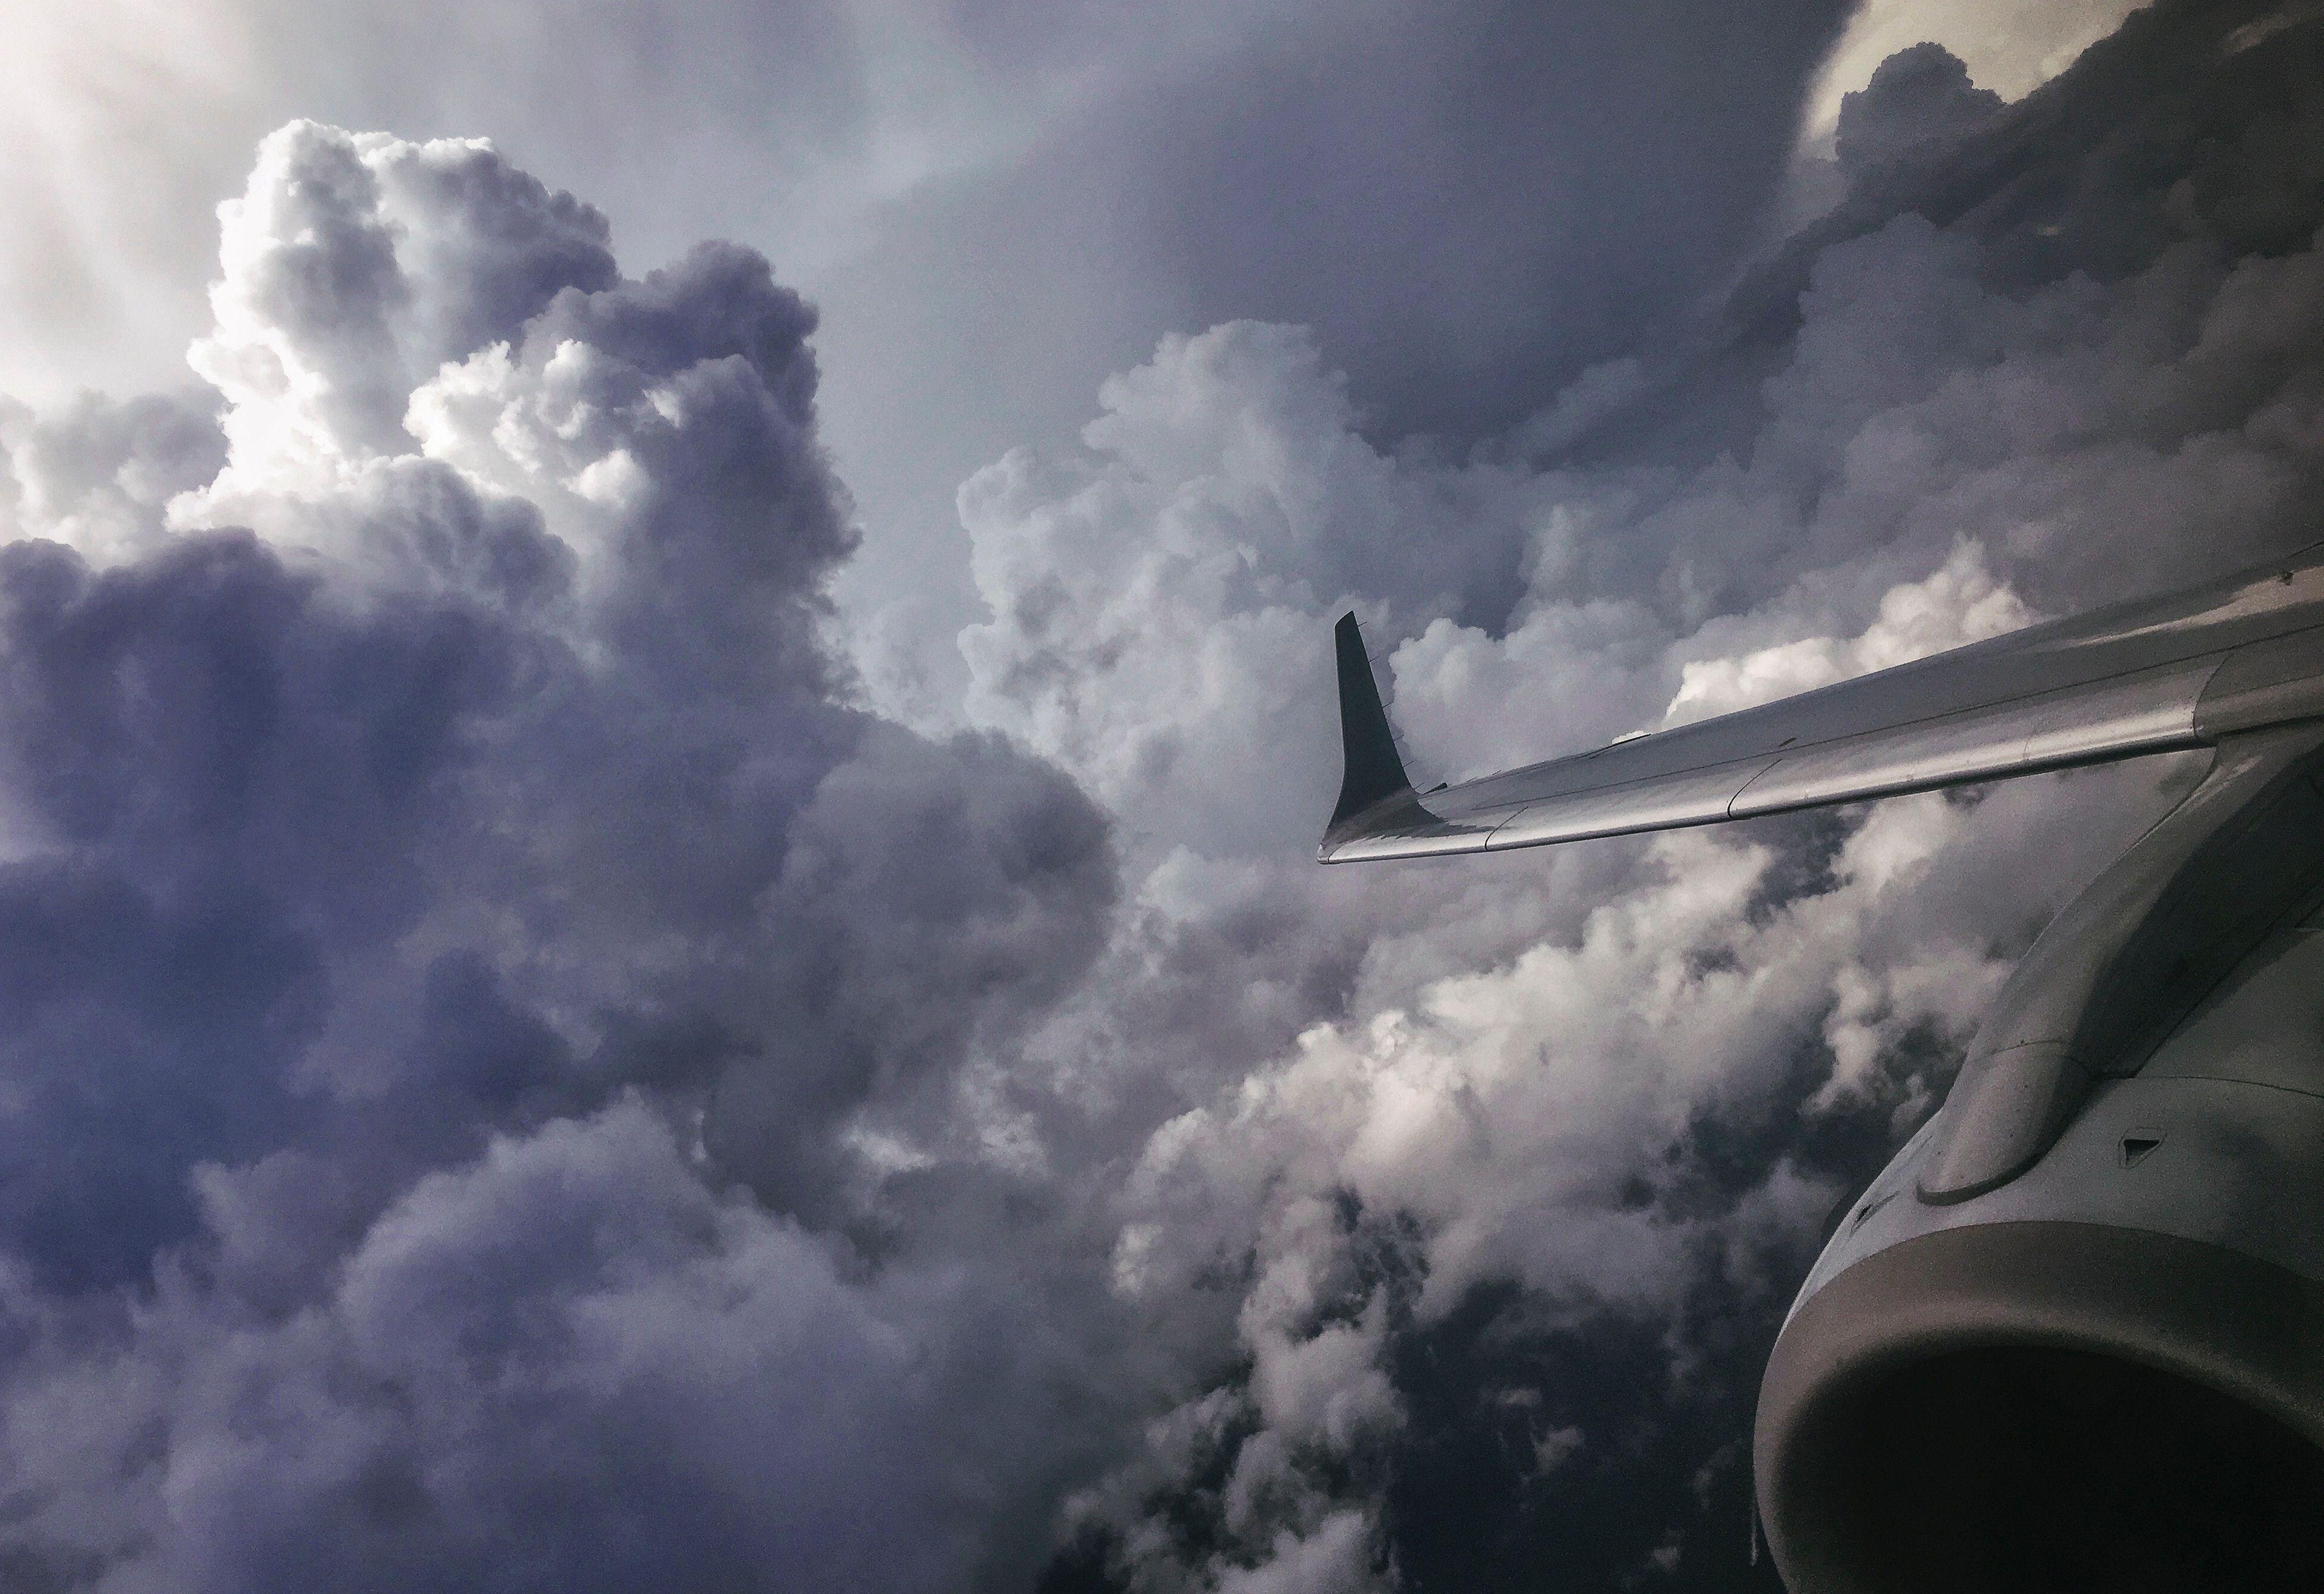 פסי האטה בשמיים הפתוחים